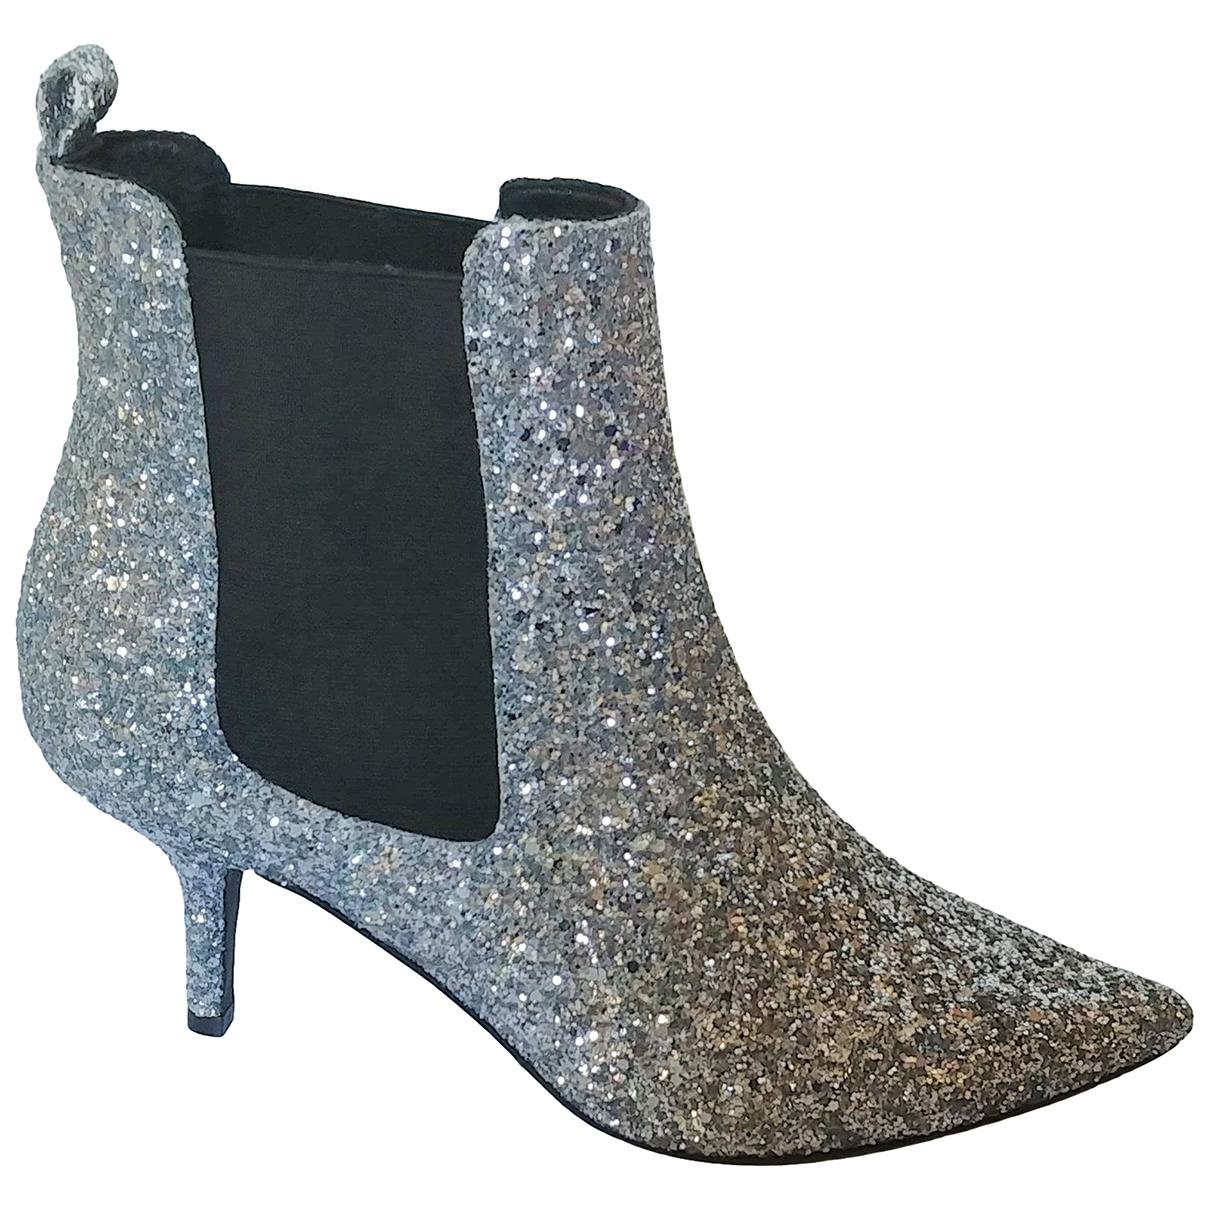 Anine Bing - Boots   pour femme en a paillettes - argente